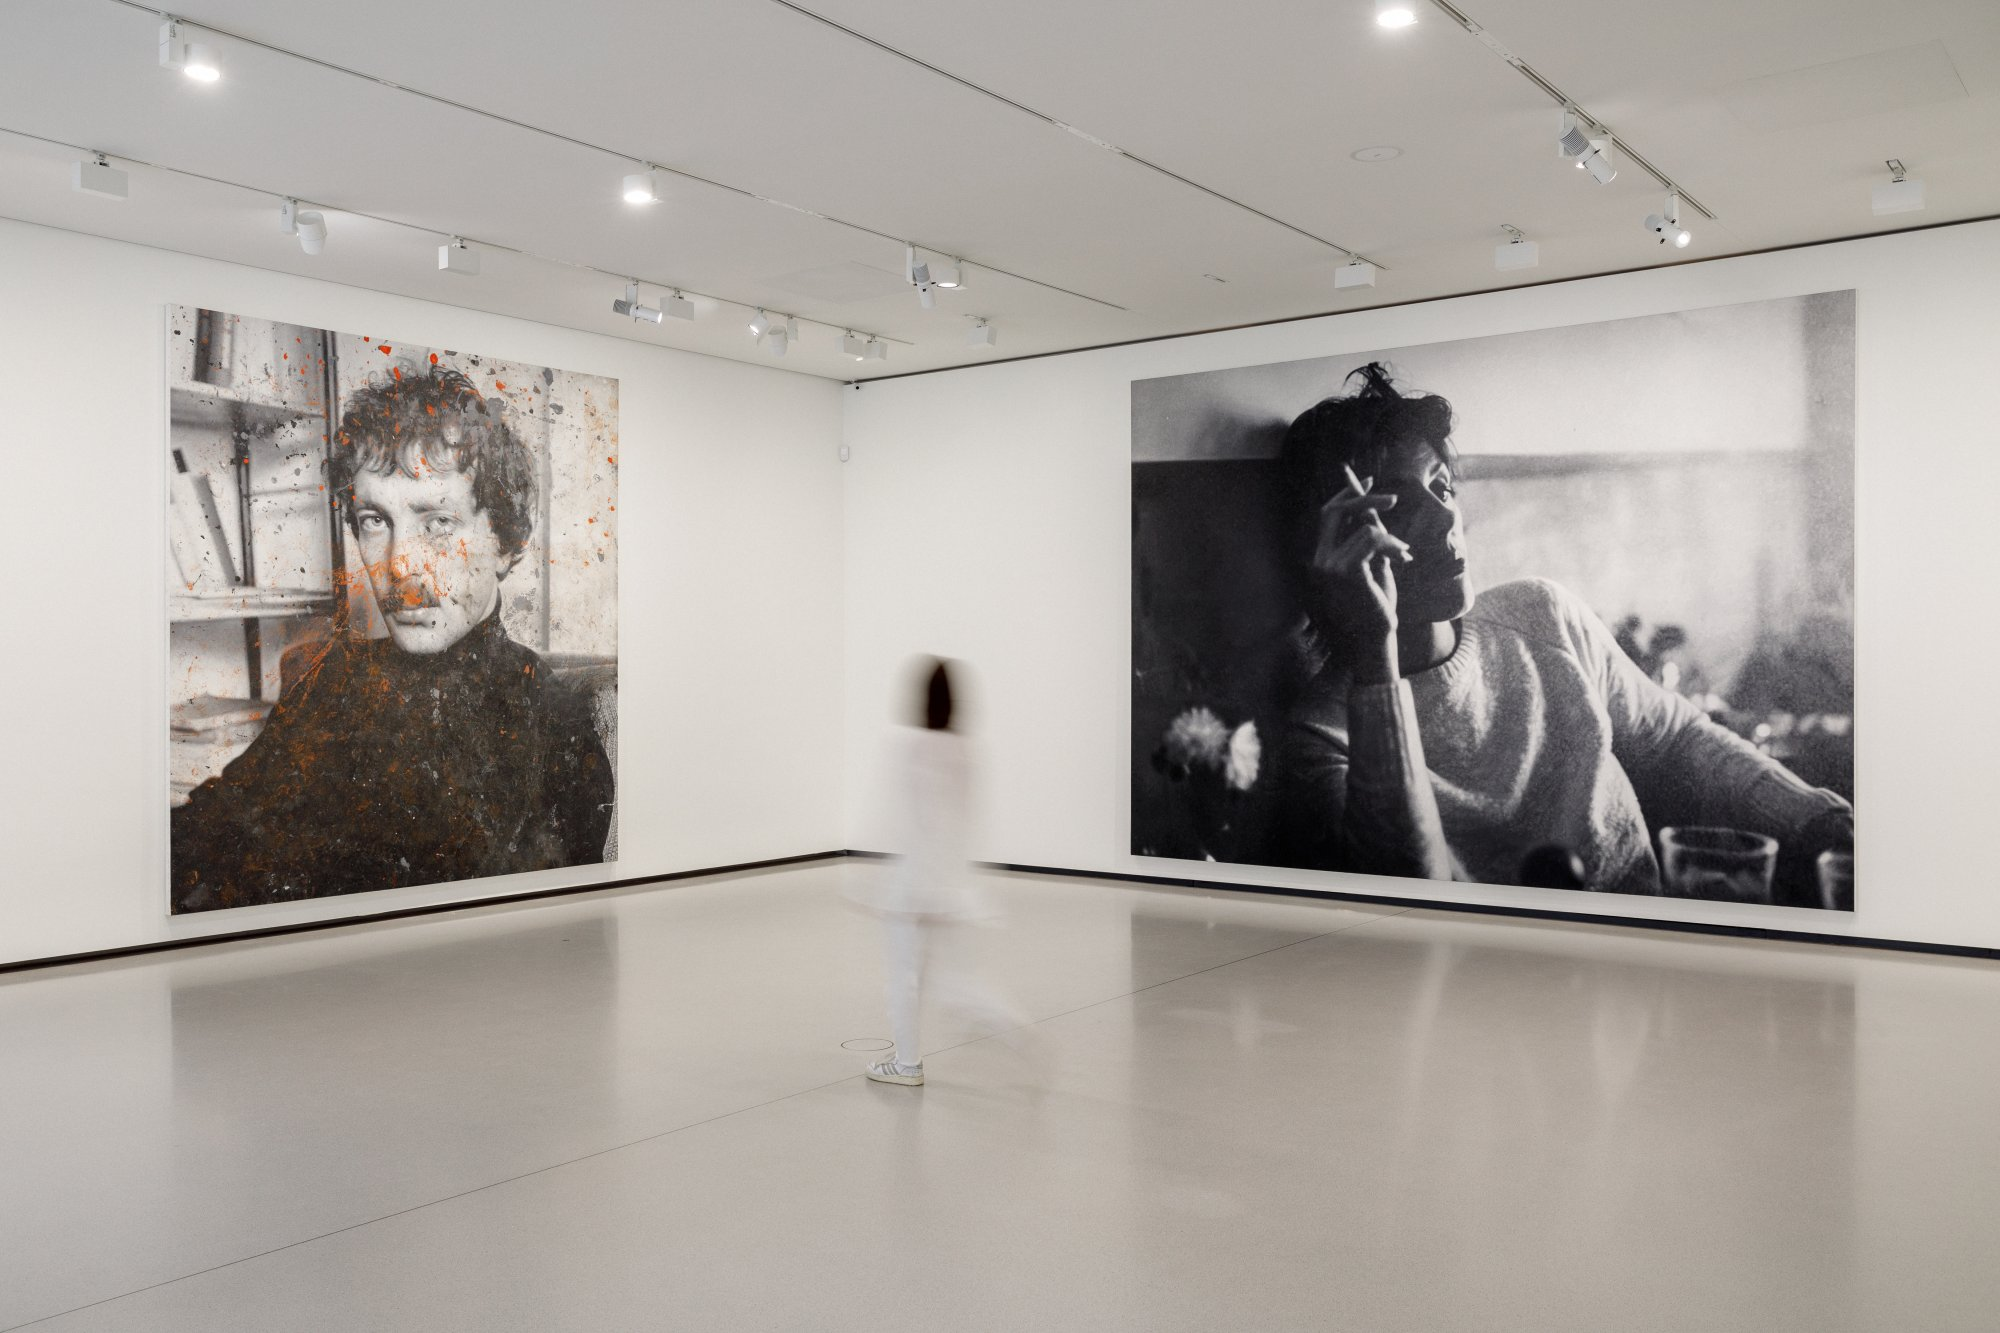 Bourse Museum Paris. Left: Rudolf Stingel, Untitled (Franz West), 2011, Bourse de Commerce - Pinault Collection, Paris, France. Right: Rudolf Stingel, Untitled (Paula), 2012, Bourse de Commerce - Pinault Collection, Paris, France.